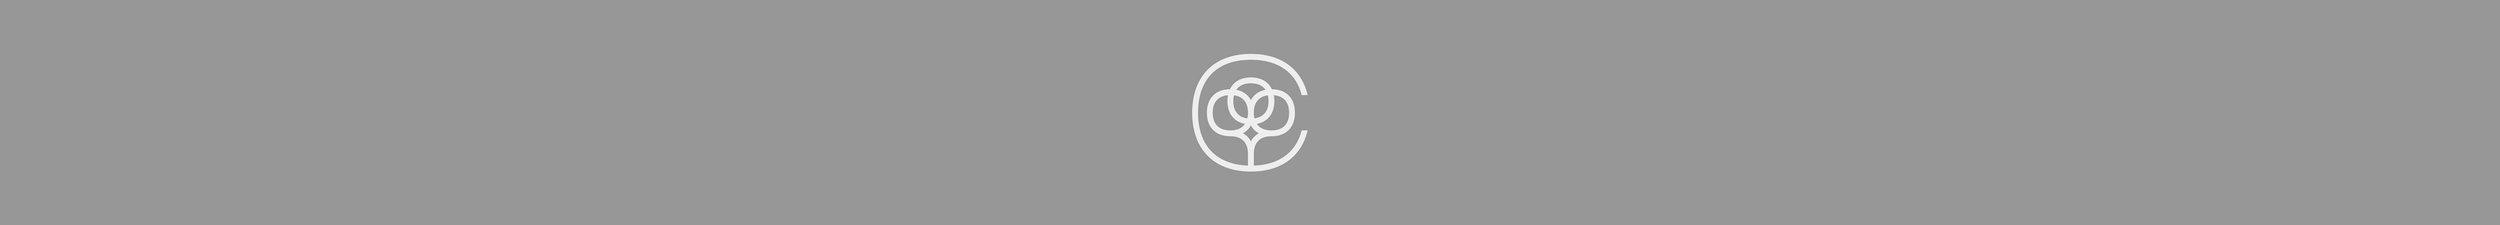 CB_logo_long.jpg